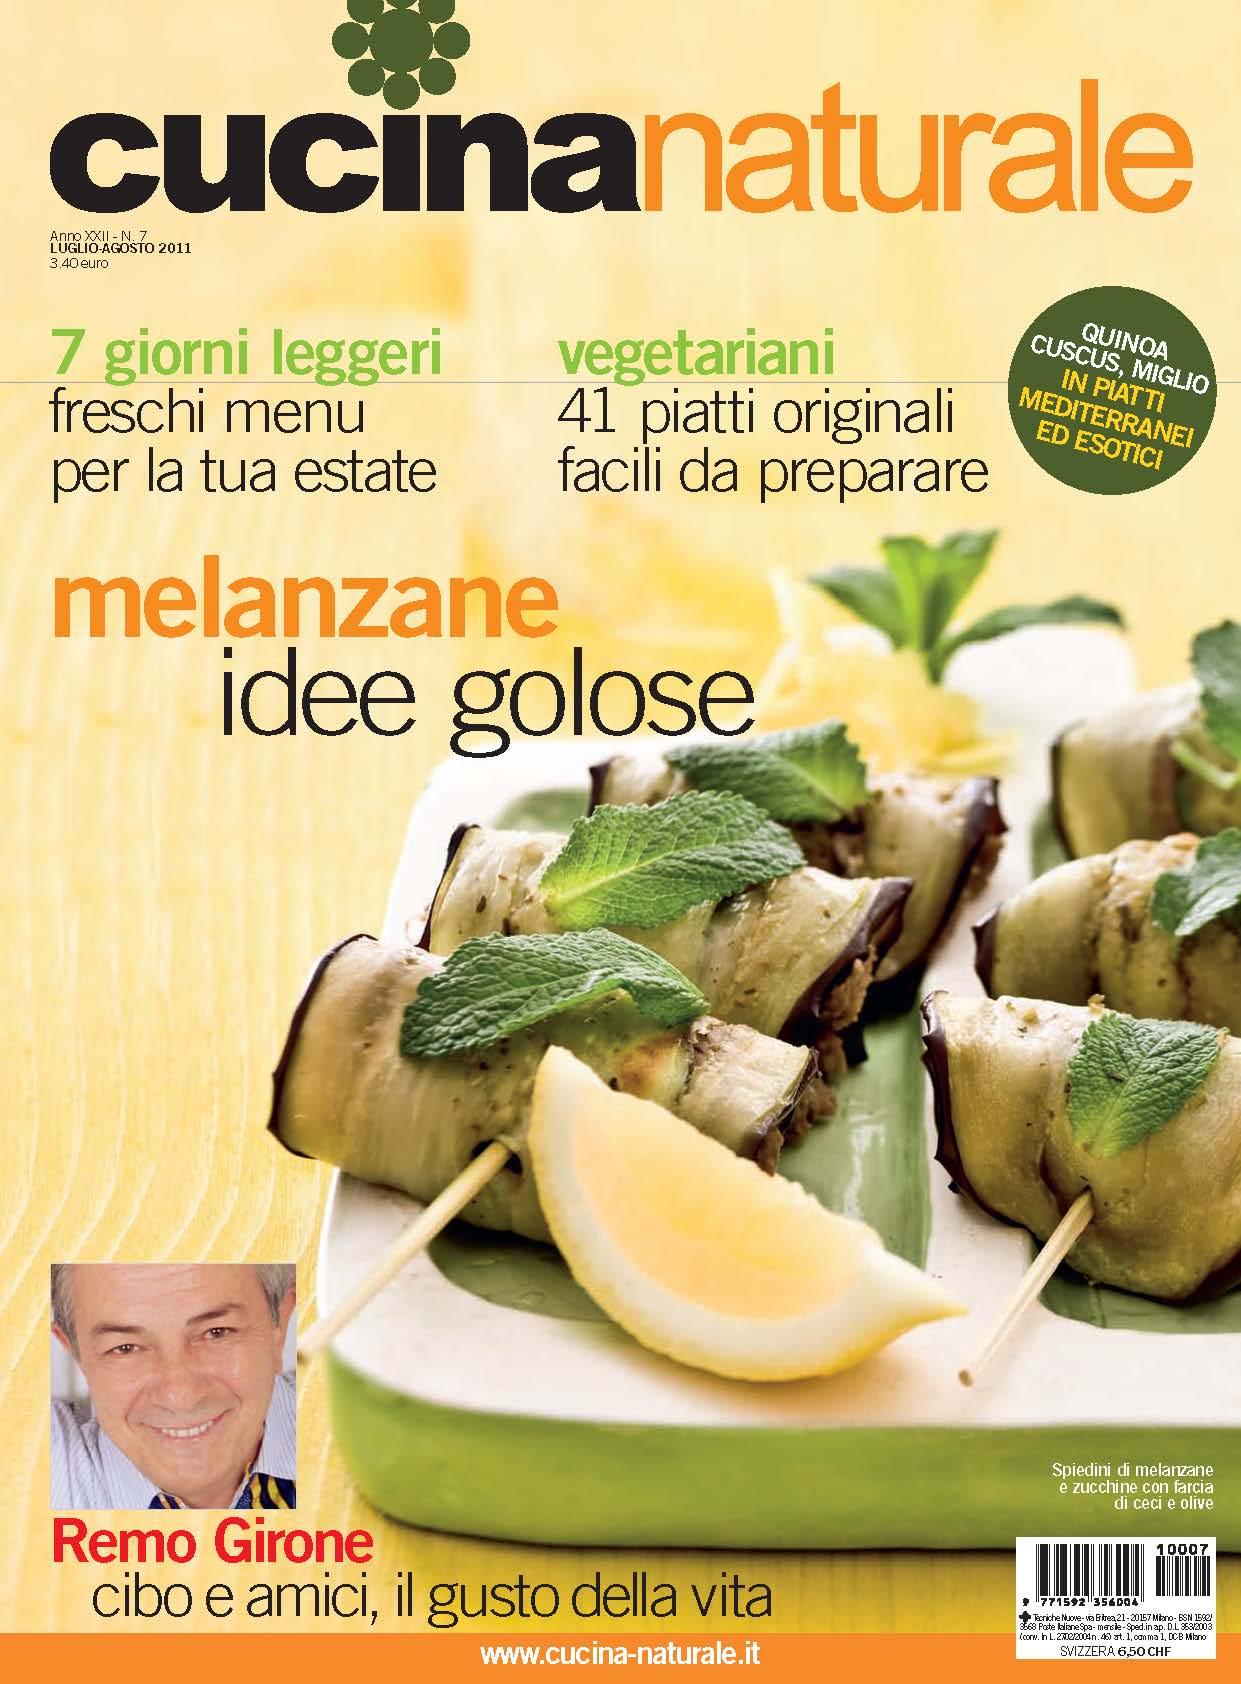 Cucina Naturale di luglio/agosto: Cucina vegetariana con lo chef Antonio Scaccio - 4 ricette leggere delle melanzane alla parmigiana - Ricette veloci con cuscus, bulgur e miglio